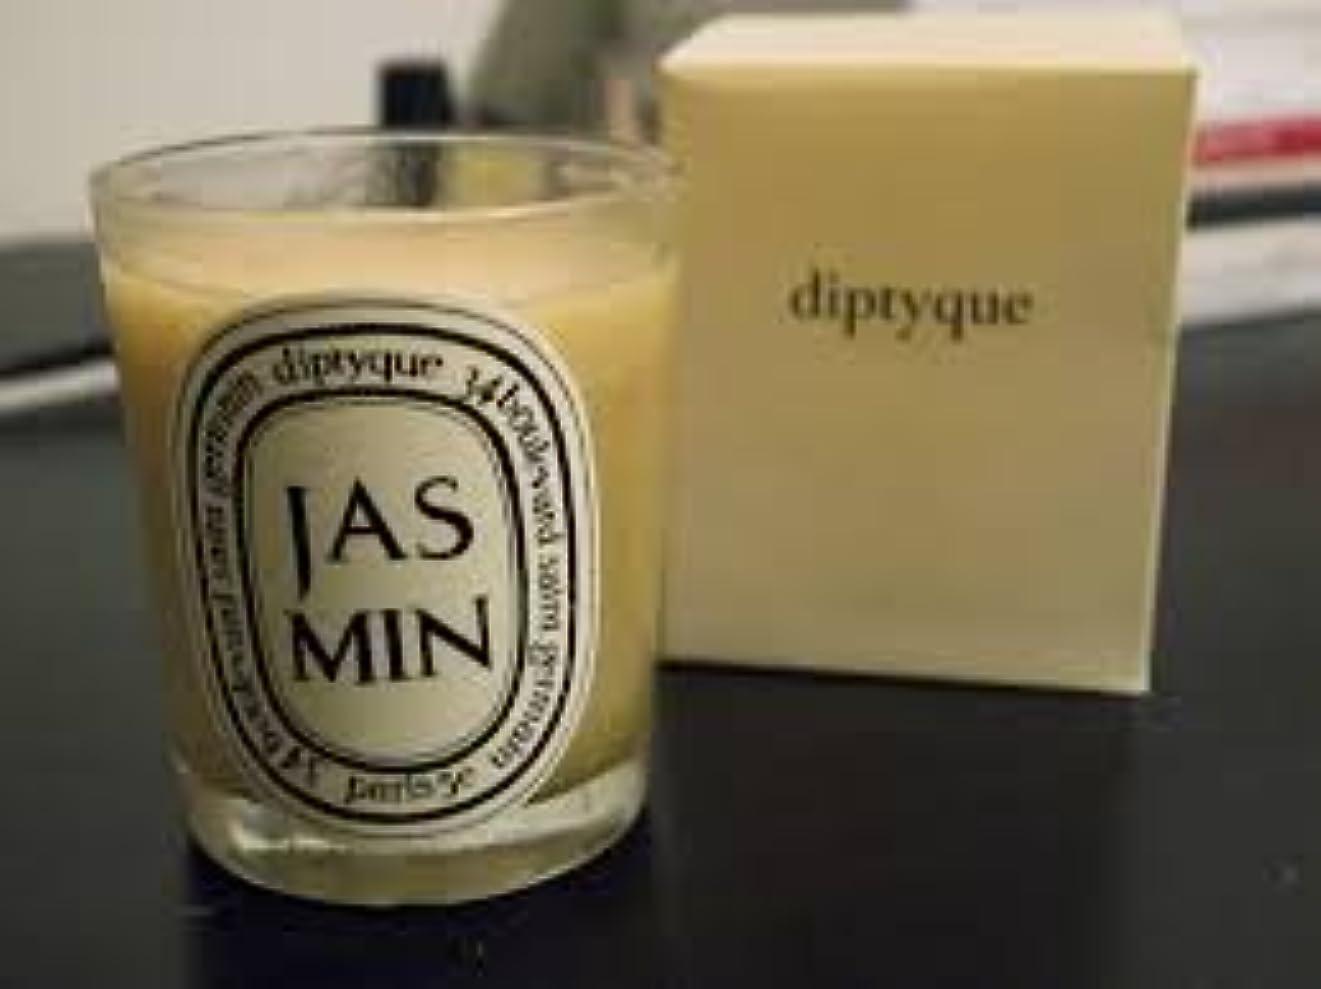 プロペラ左修理可能Diptyque Jasmin Candle (ディプティック ジャスミン キャンドル) 2.4 oz (70g)